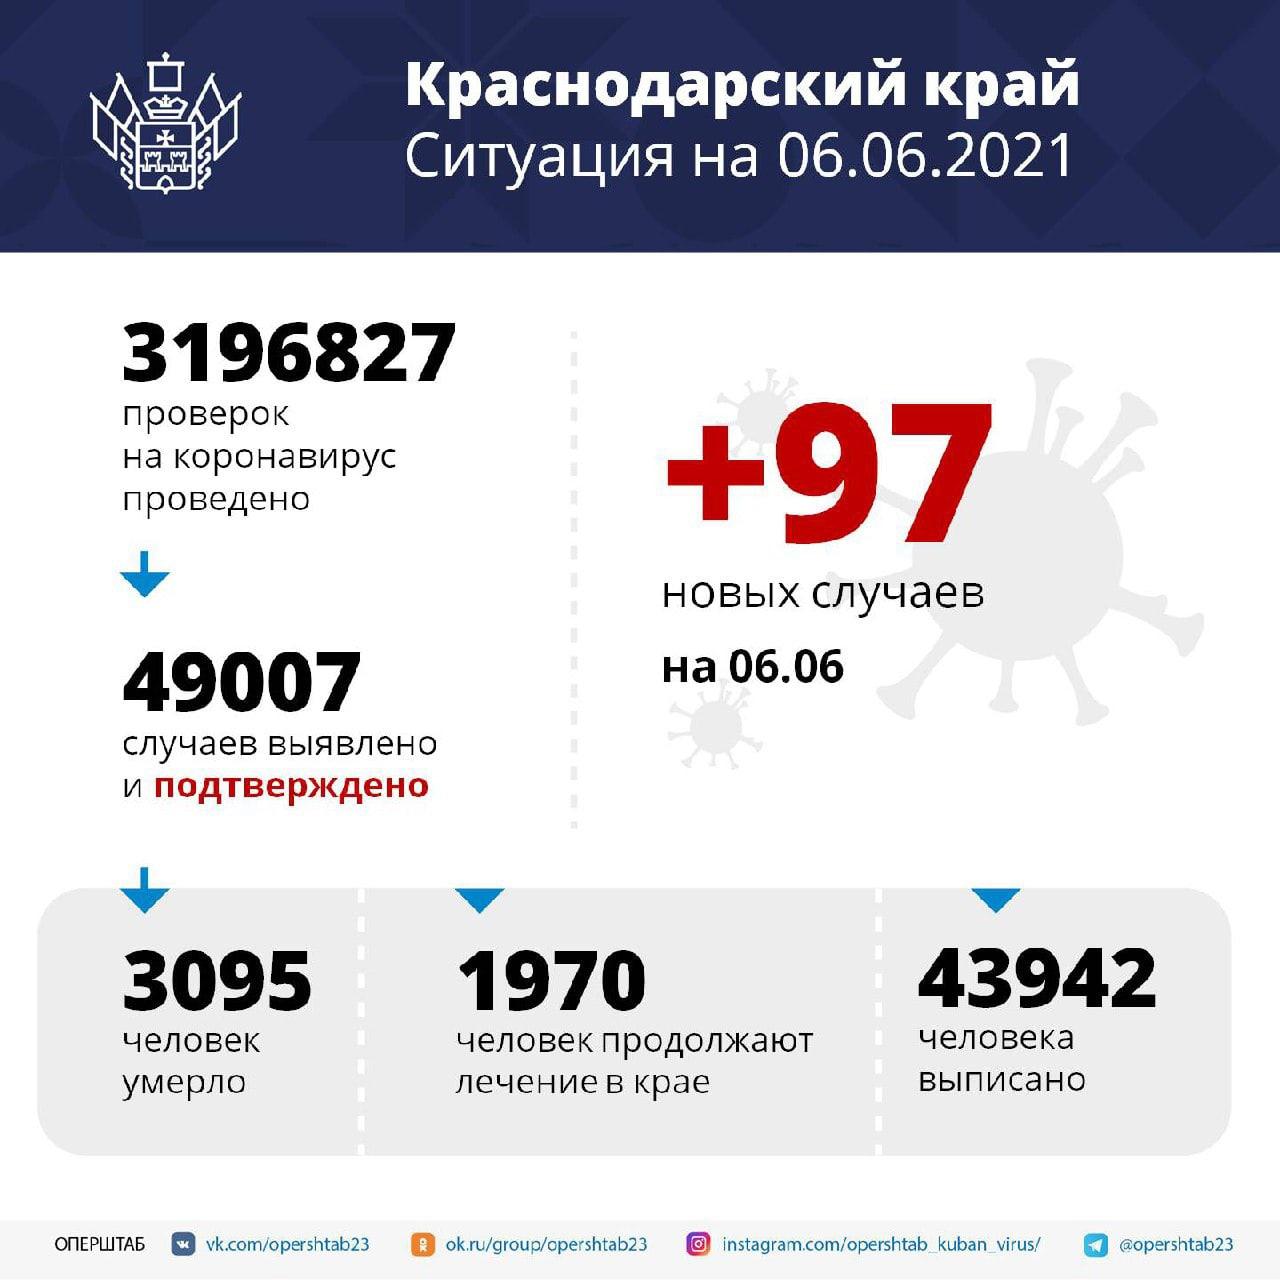 На Кубани за сутки подтвердили 97 новых случаев...